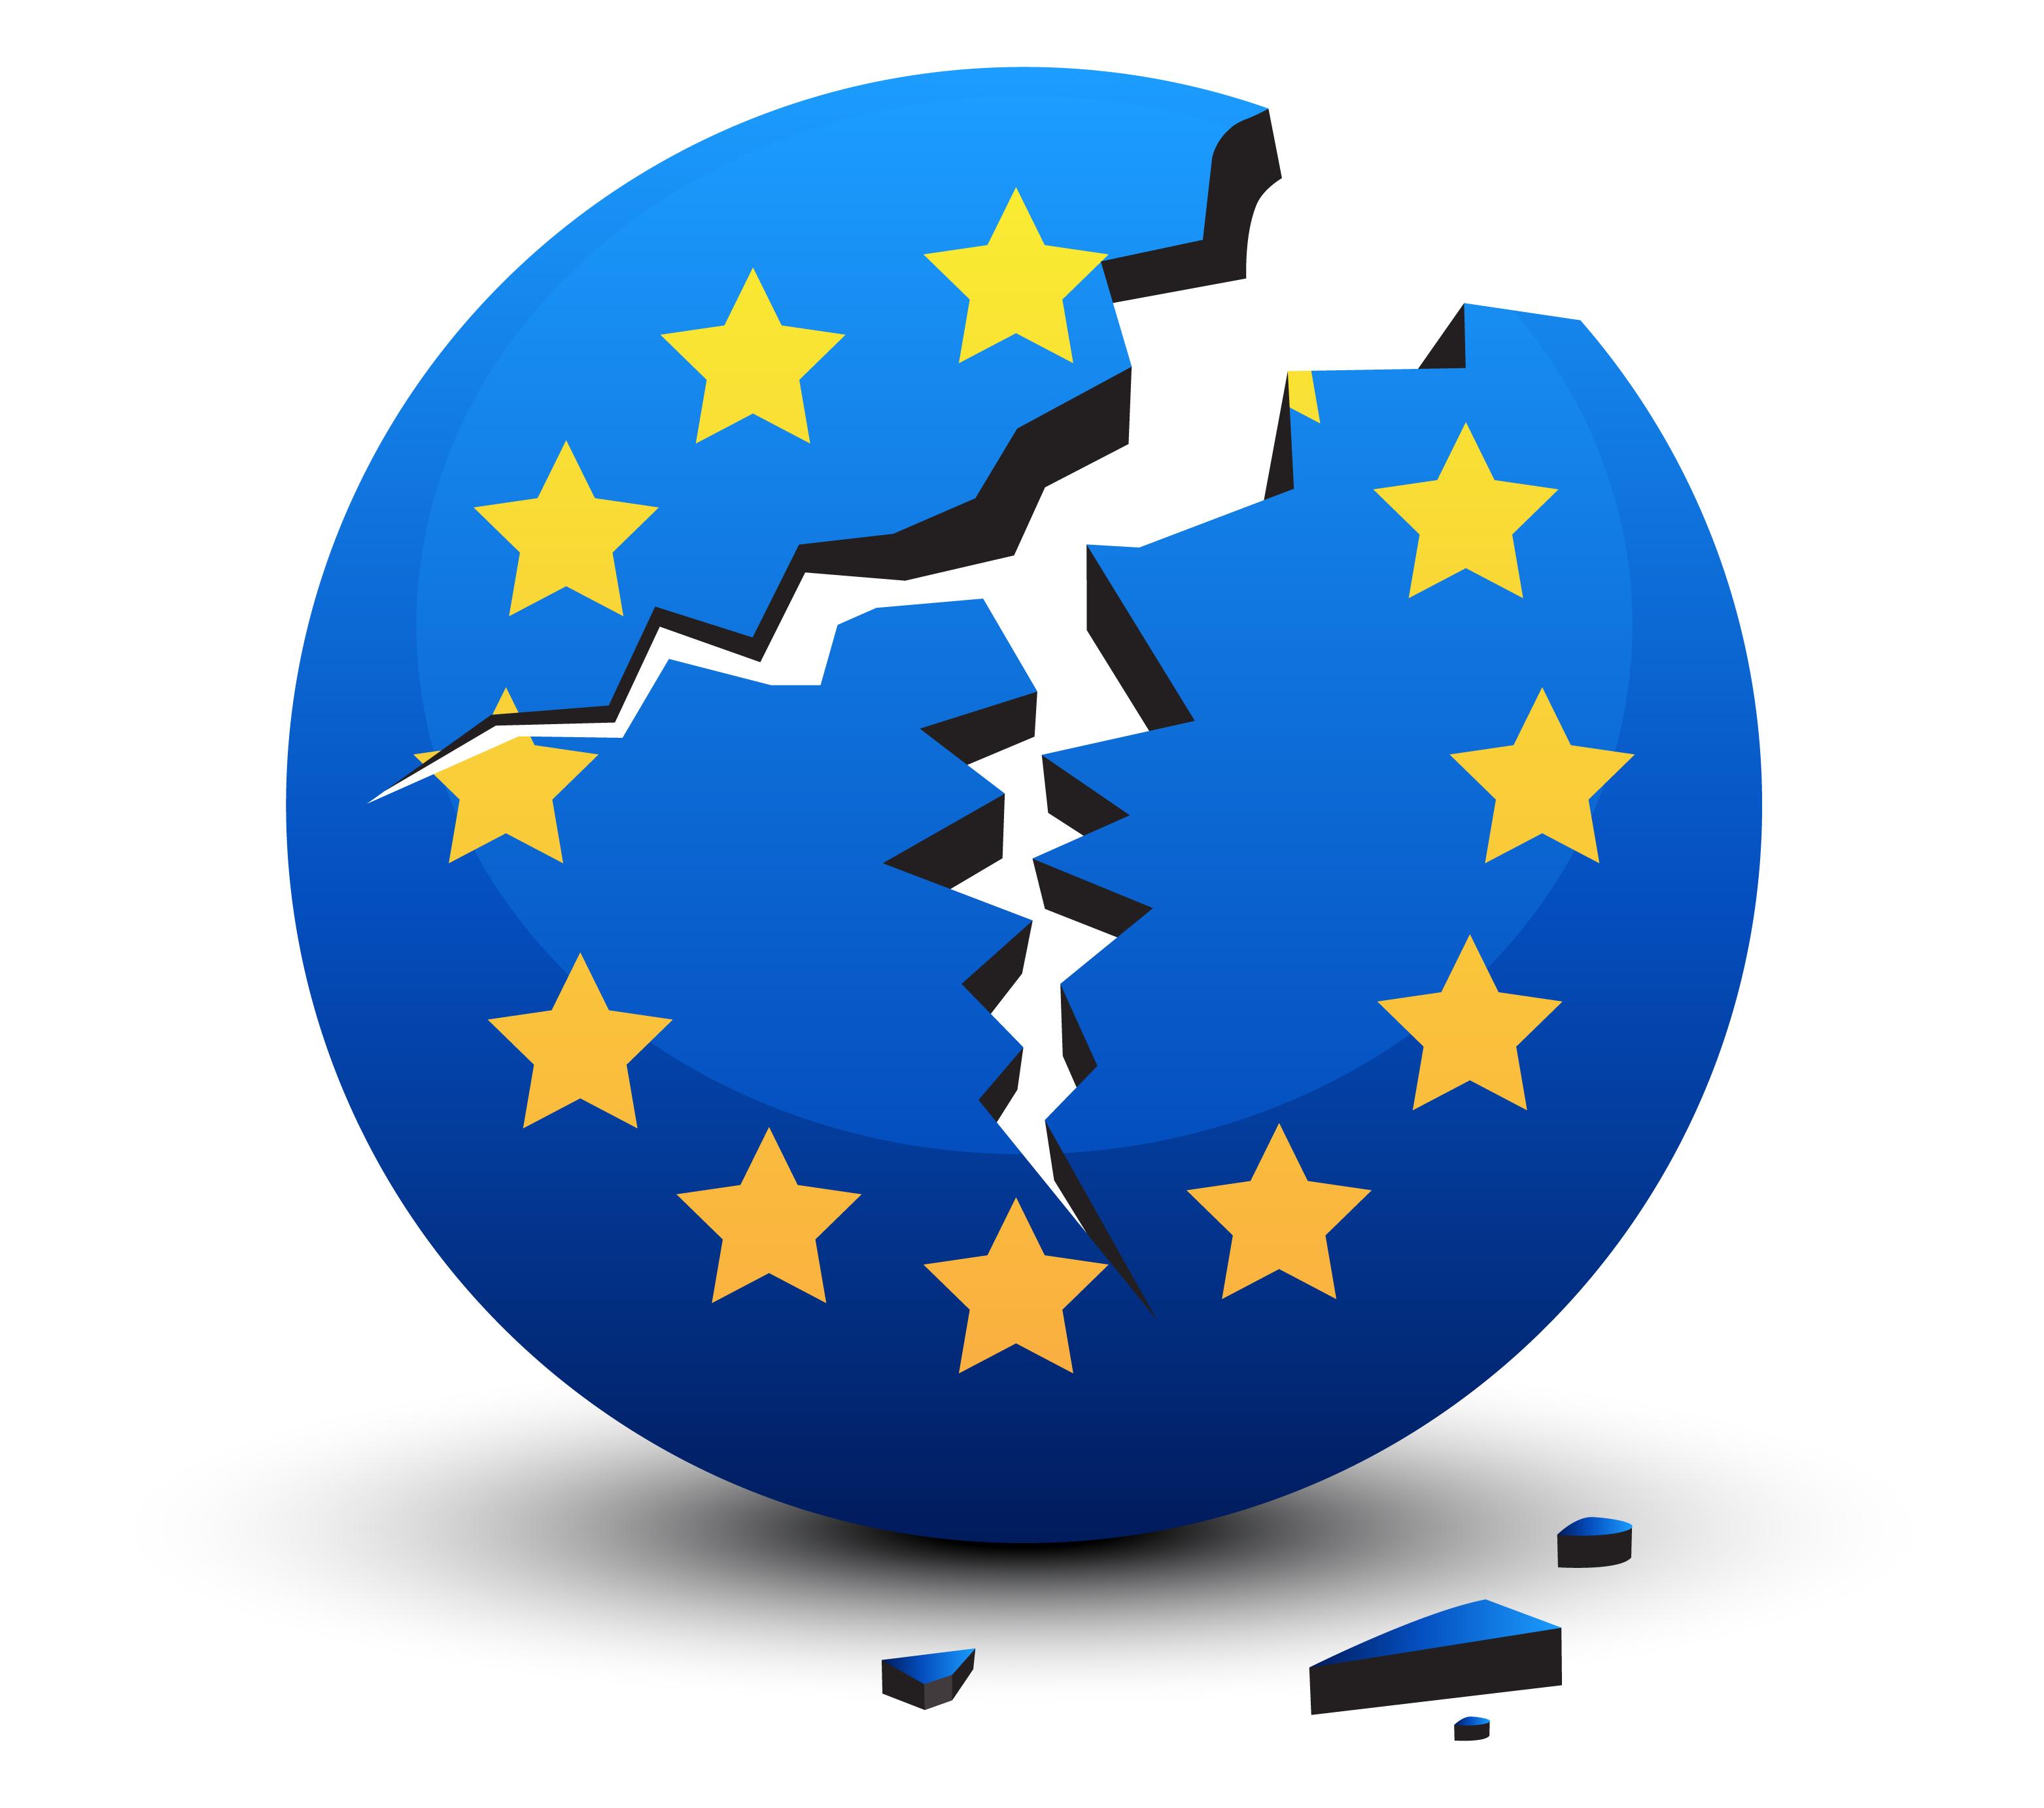 нет евросоюзу картинки около игра света